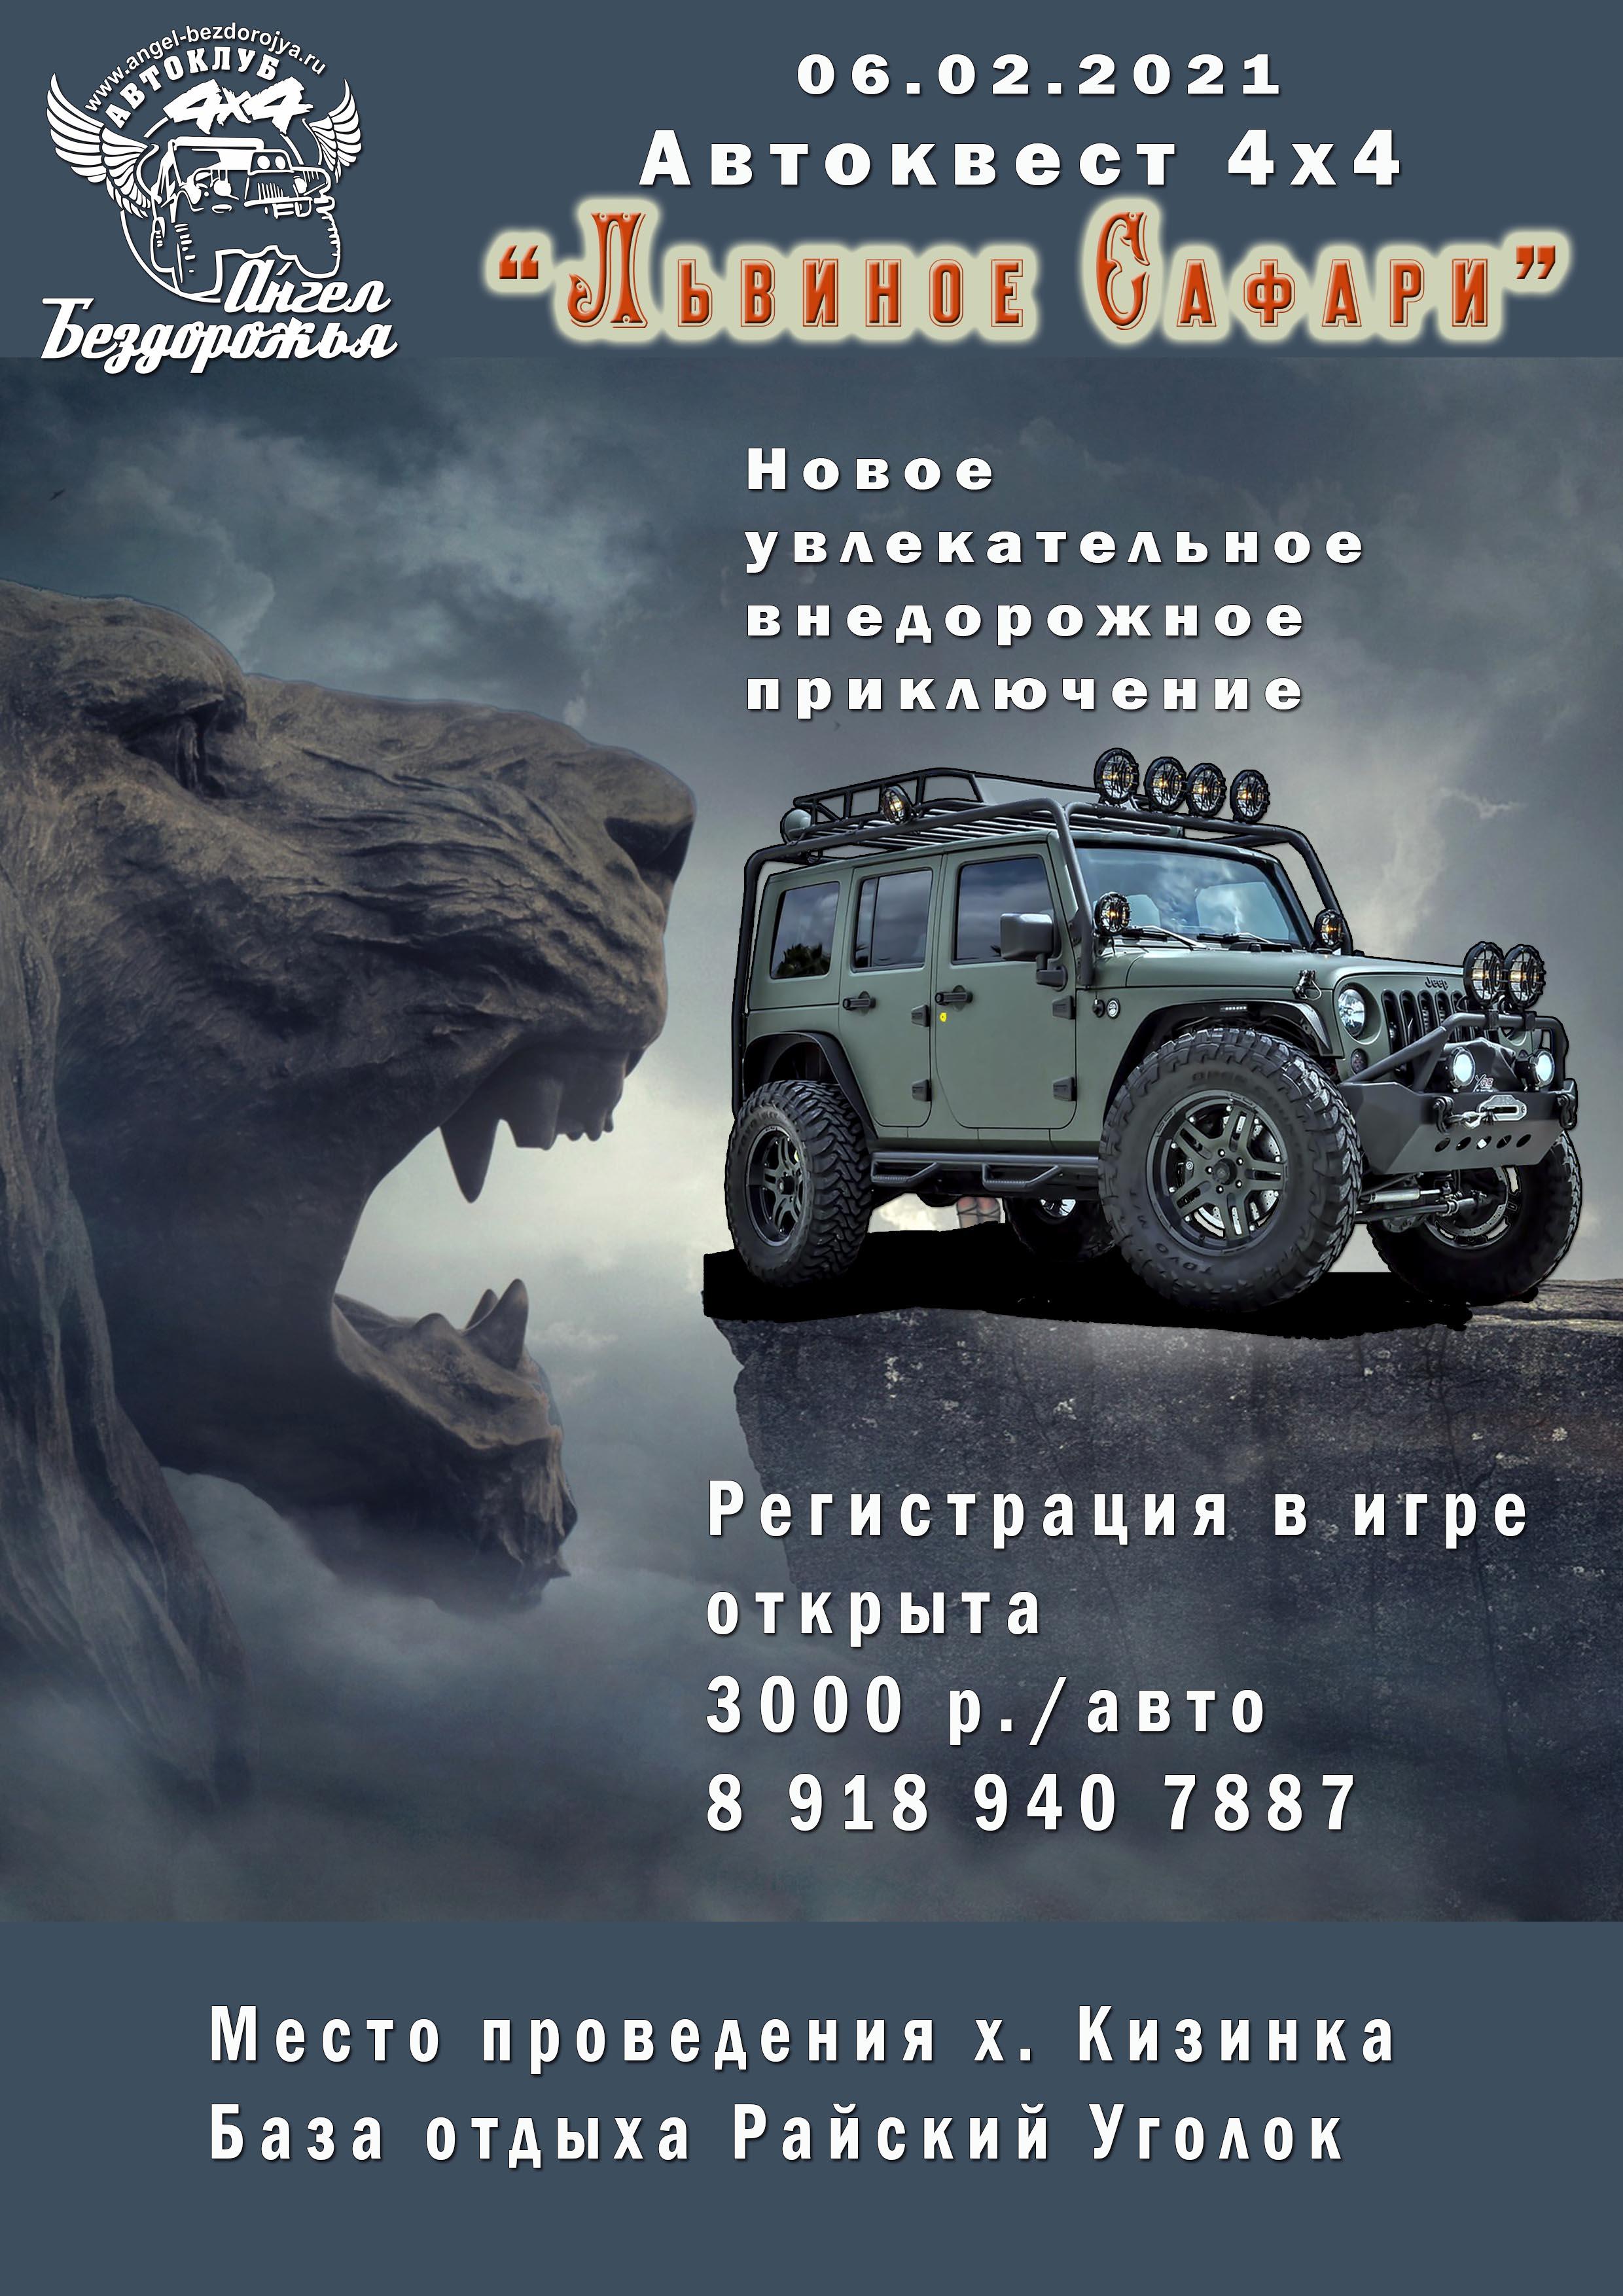 https://angel-bezdorojya.ru/wp-content/uploads/2021/01/safari.jpg